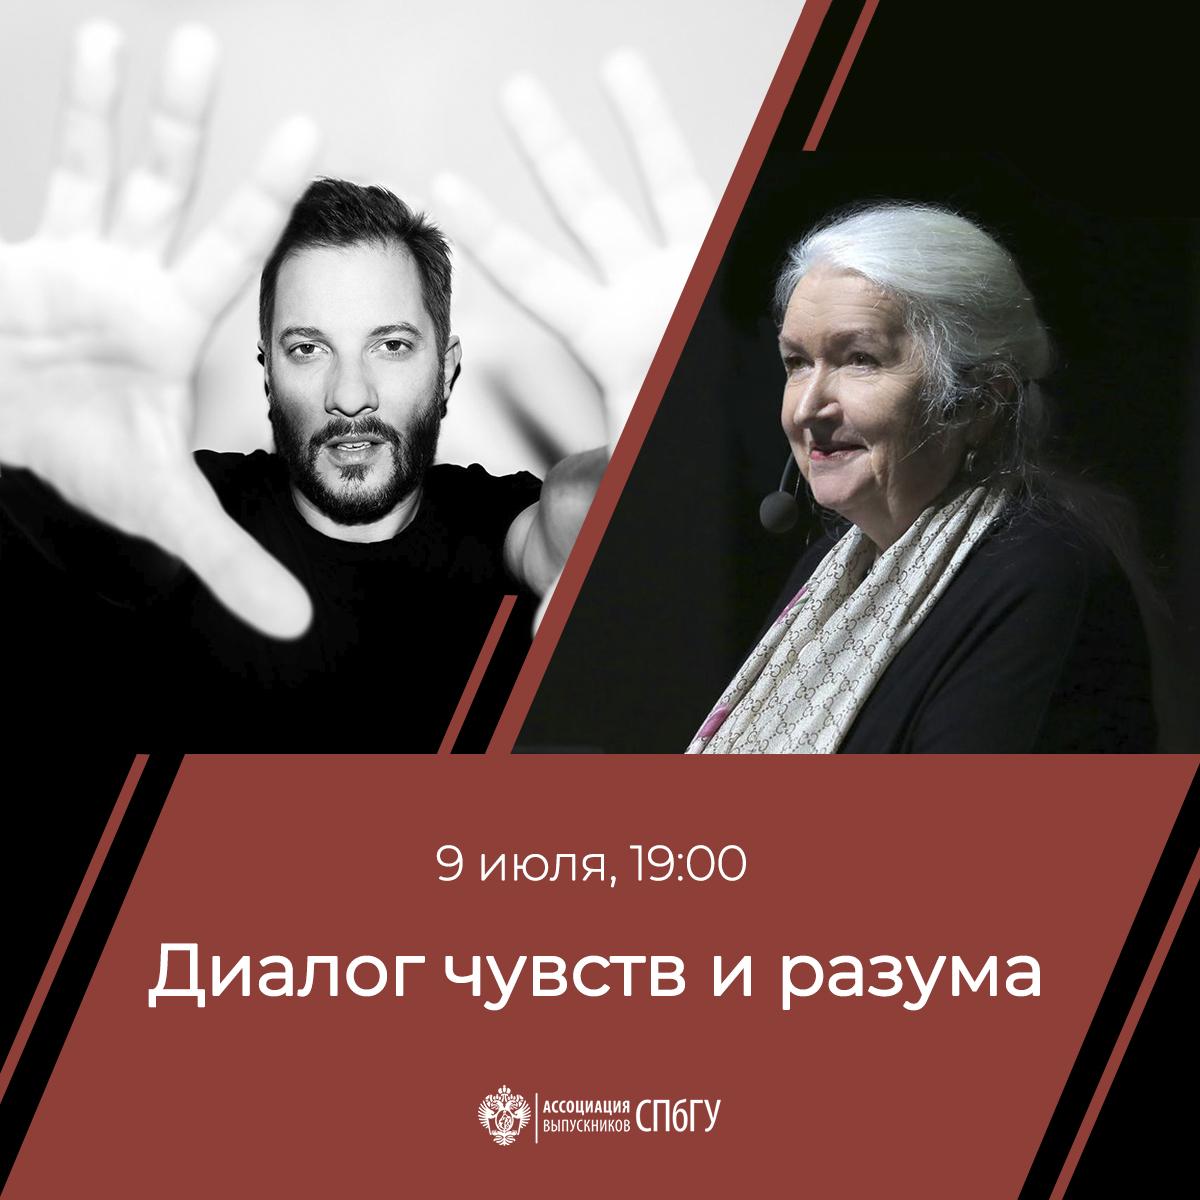 dlya_inst_9_iyulya